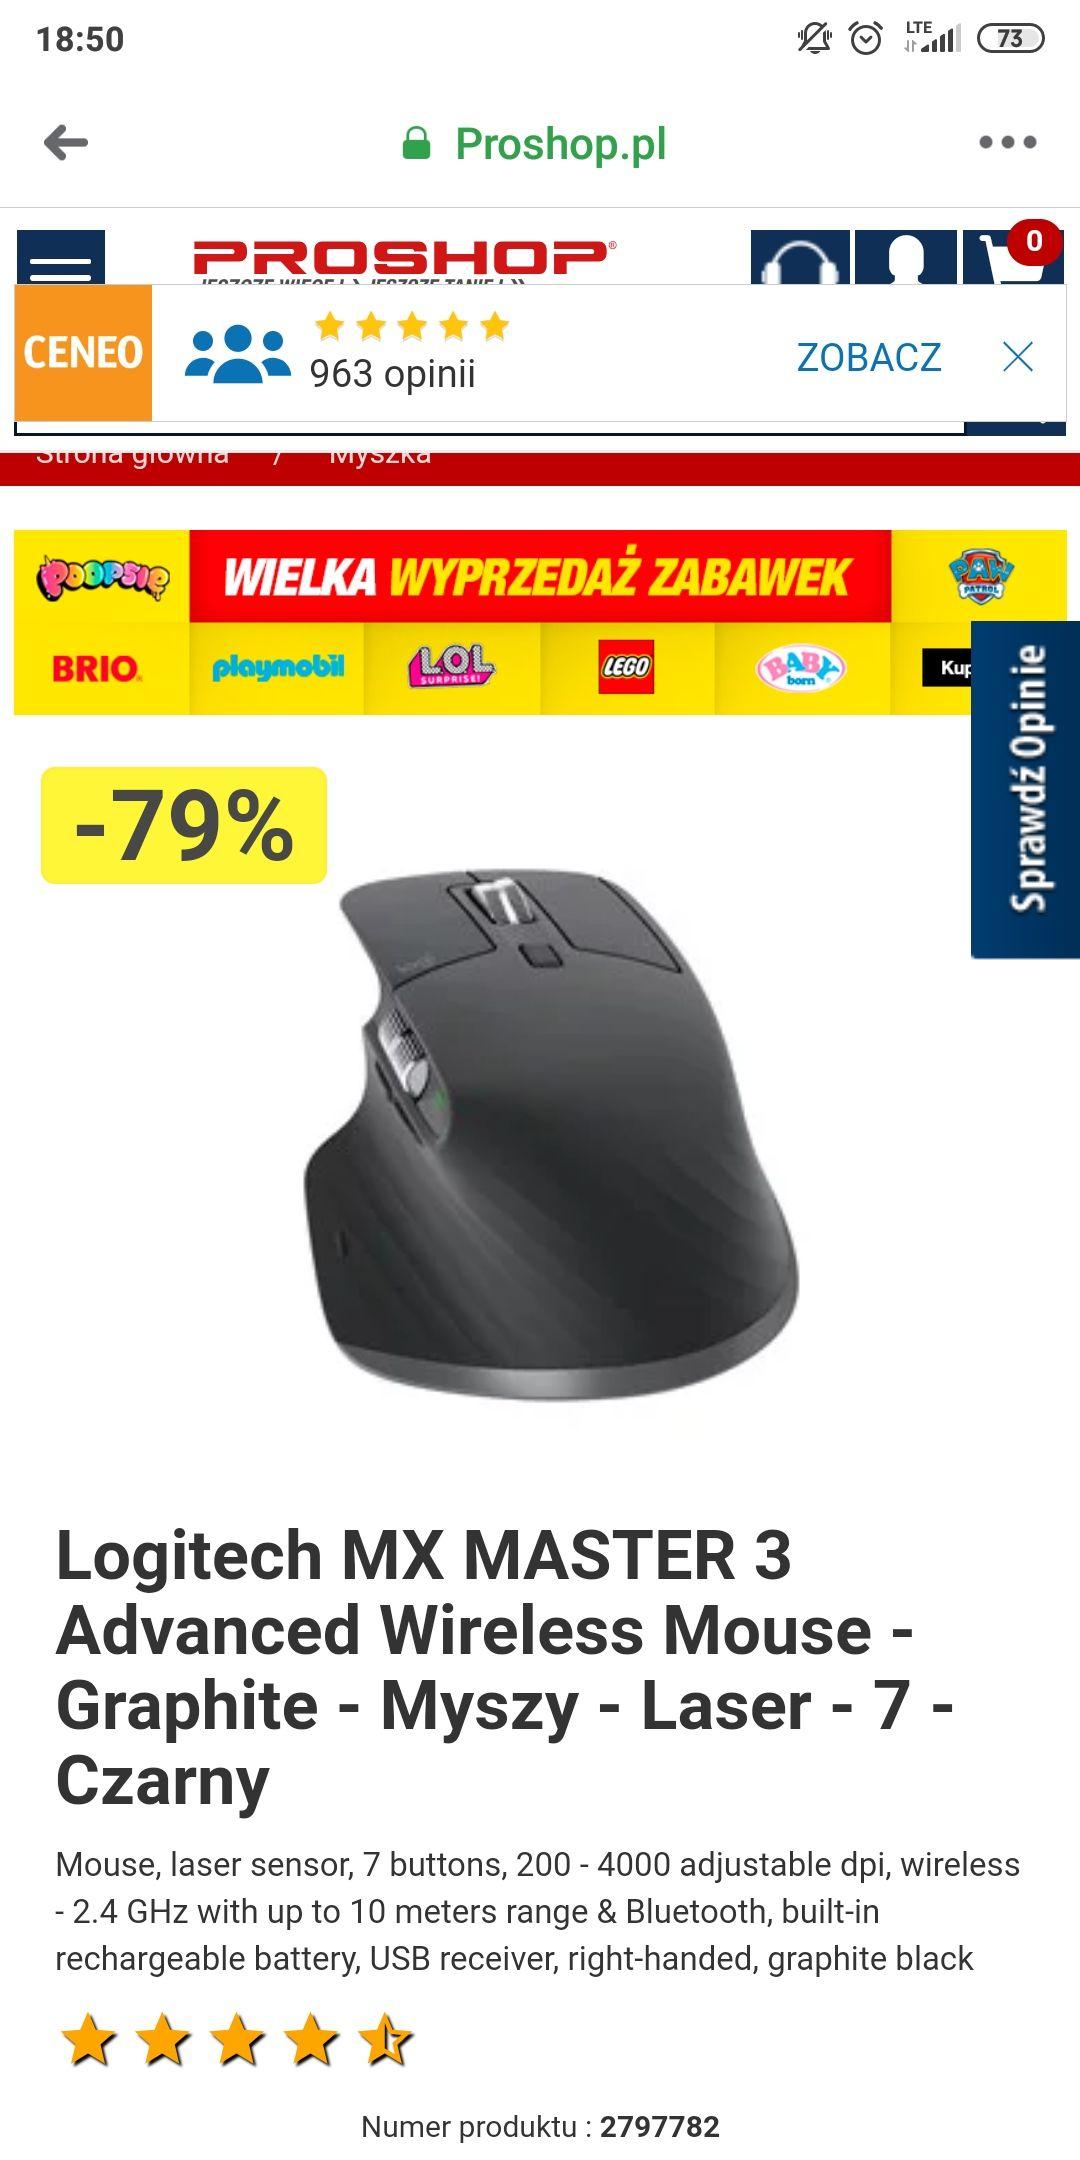 Mysz Logitech MX MASTER 3 Advanced Wireless Mouse (89,99 zł + wysyłka)